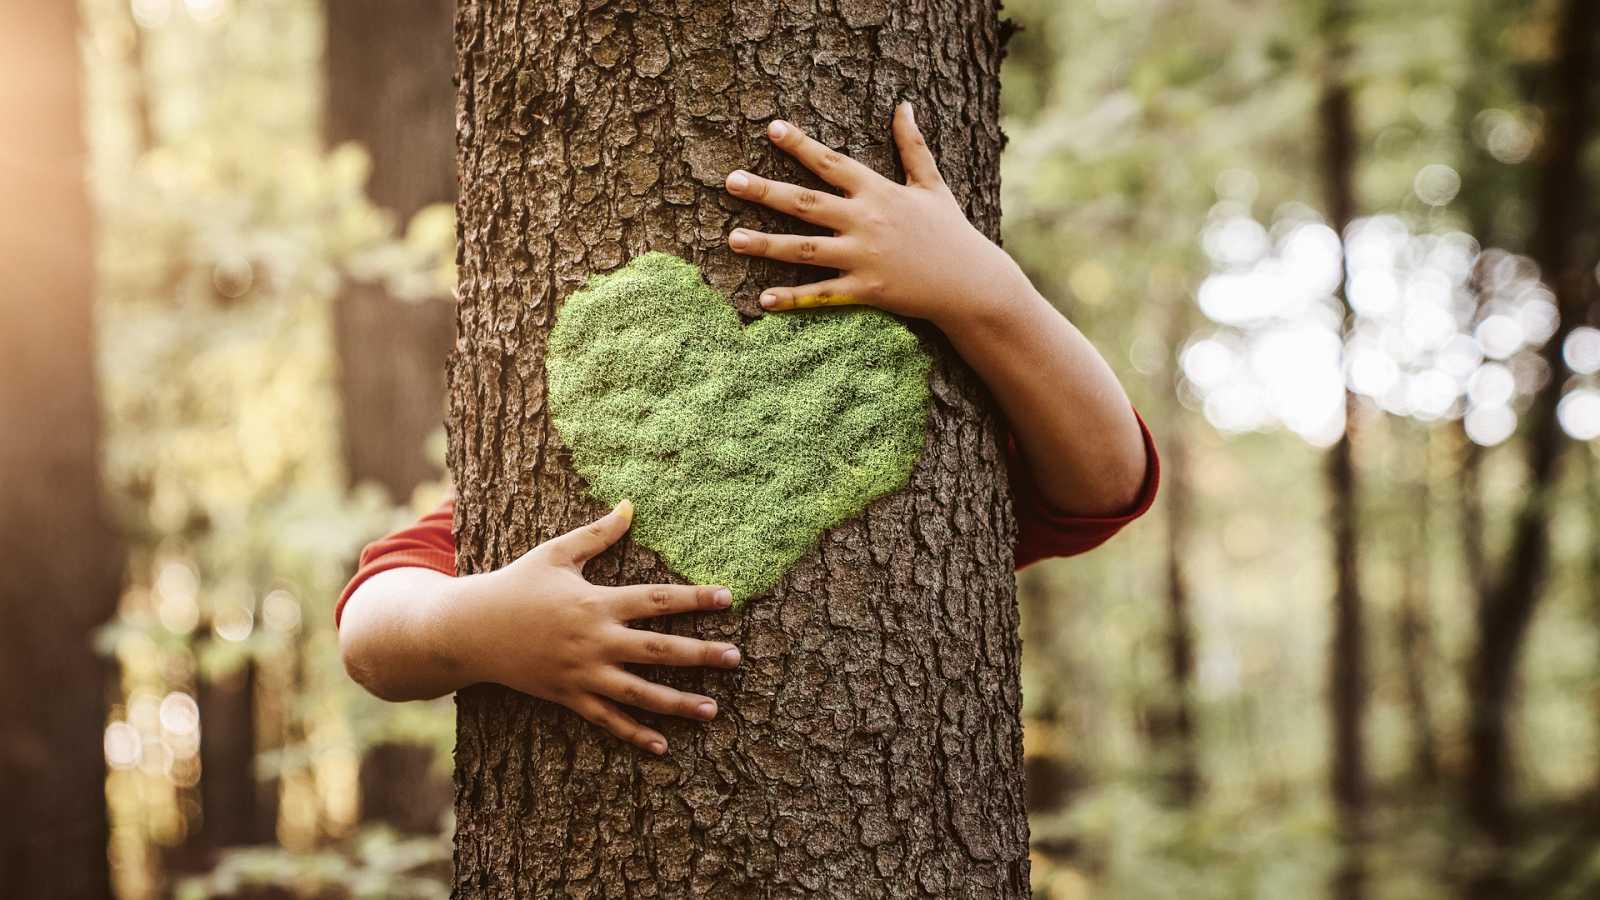 Más cerca - Valor económico de la naturaleza - Escuchar ahora